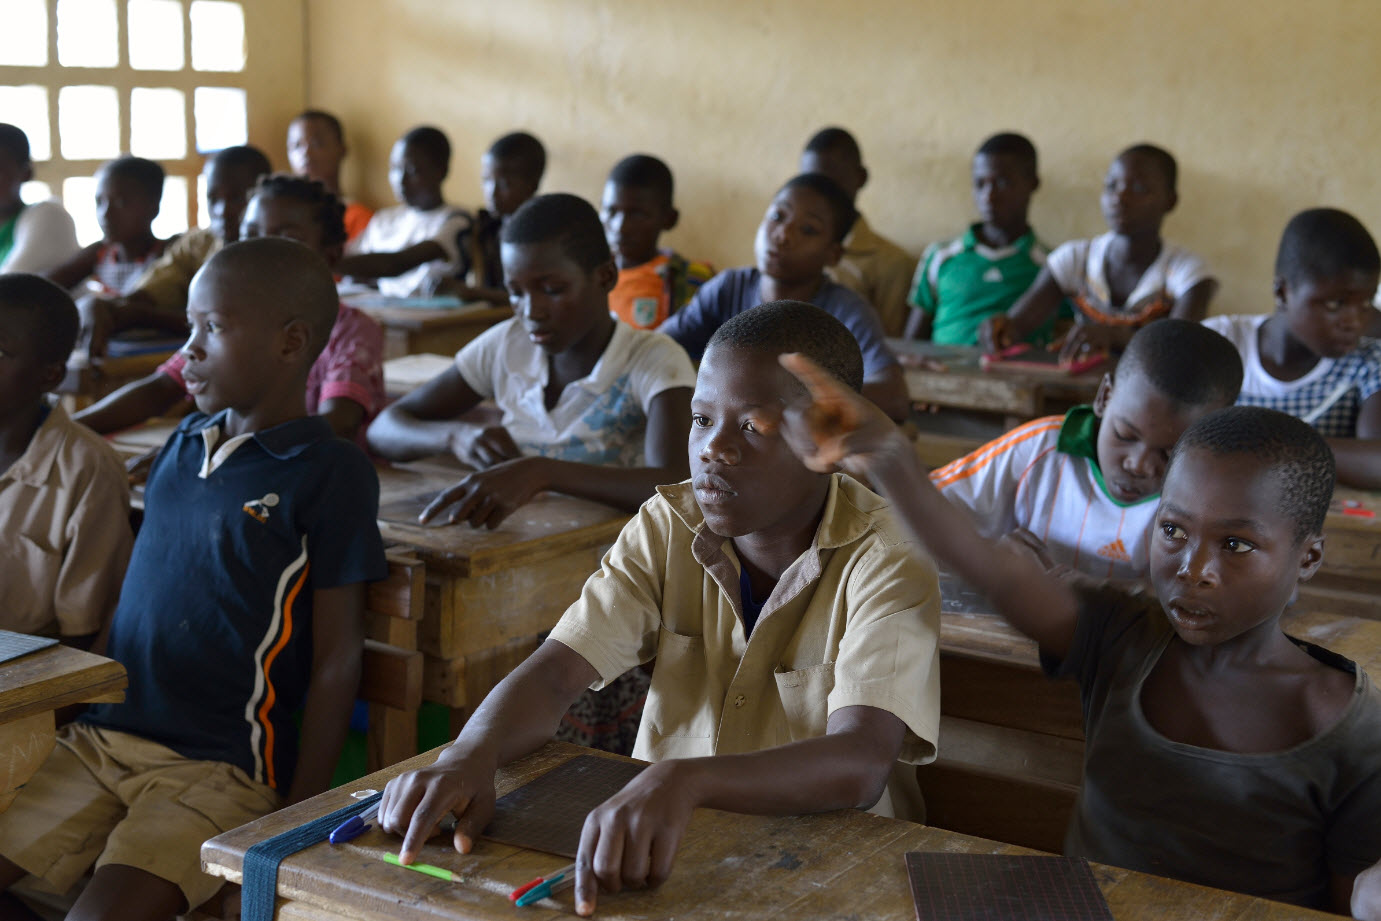 Schüler einer der aus der Fairtrade-Prämie finanzierten Schule der Kakao-Kooperative ECOOKIM aus der Elfenbeinküste  Fotograf: Nabil Zorkot